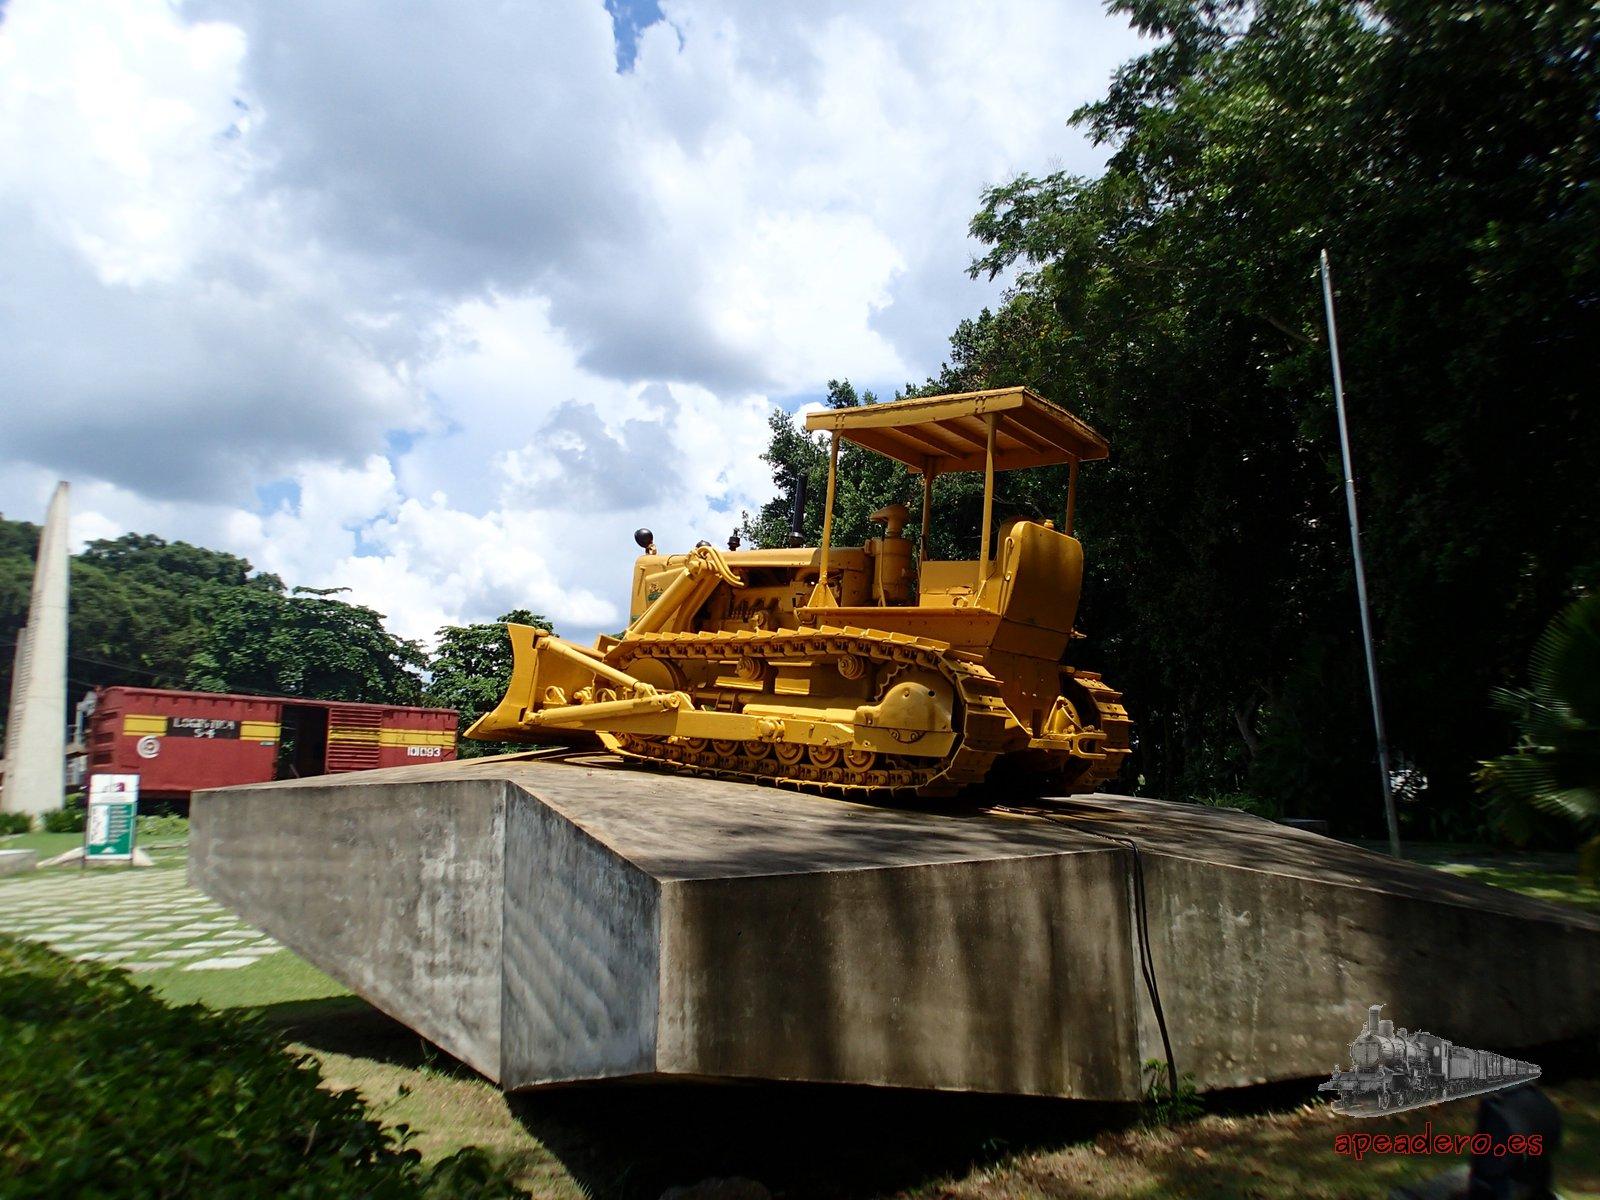 El parque del tren blindado recrea el acontecimiento histórico que ocurrió en Santa Clara durante la Revolución.